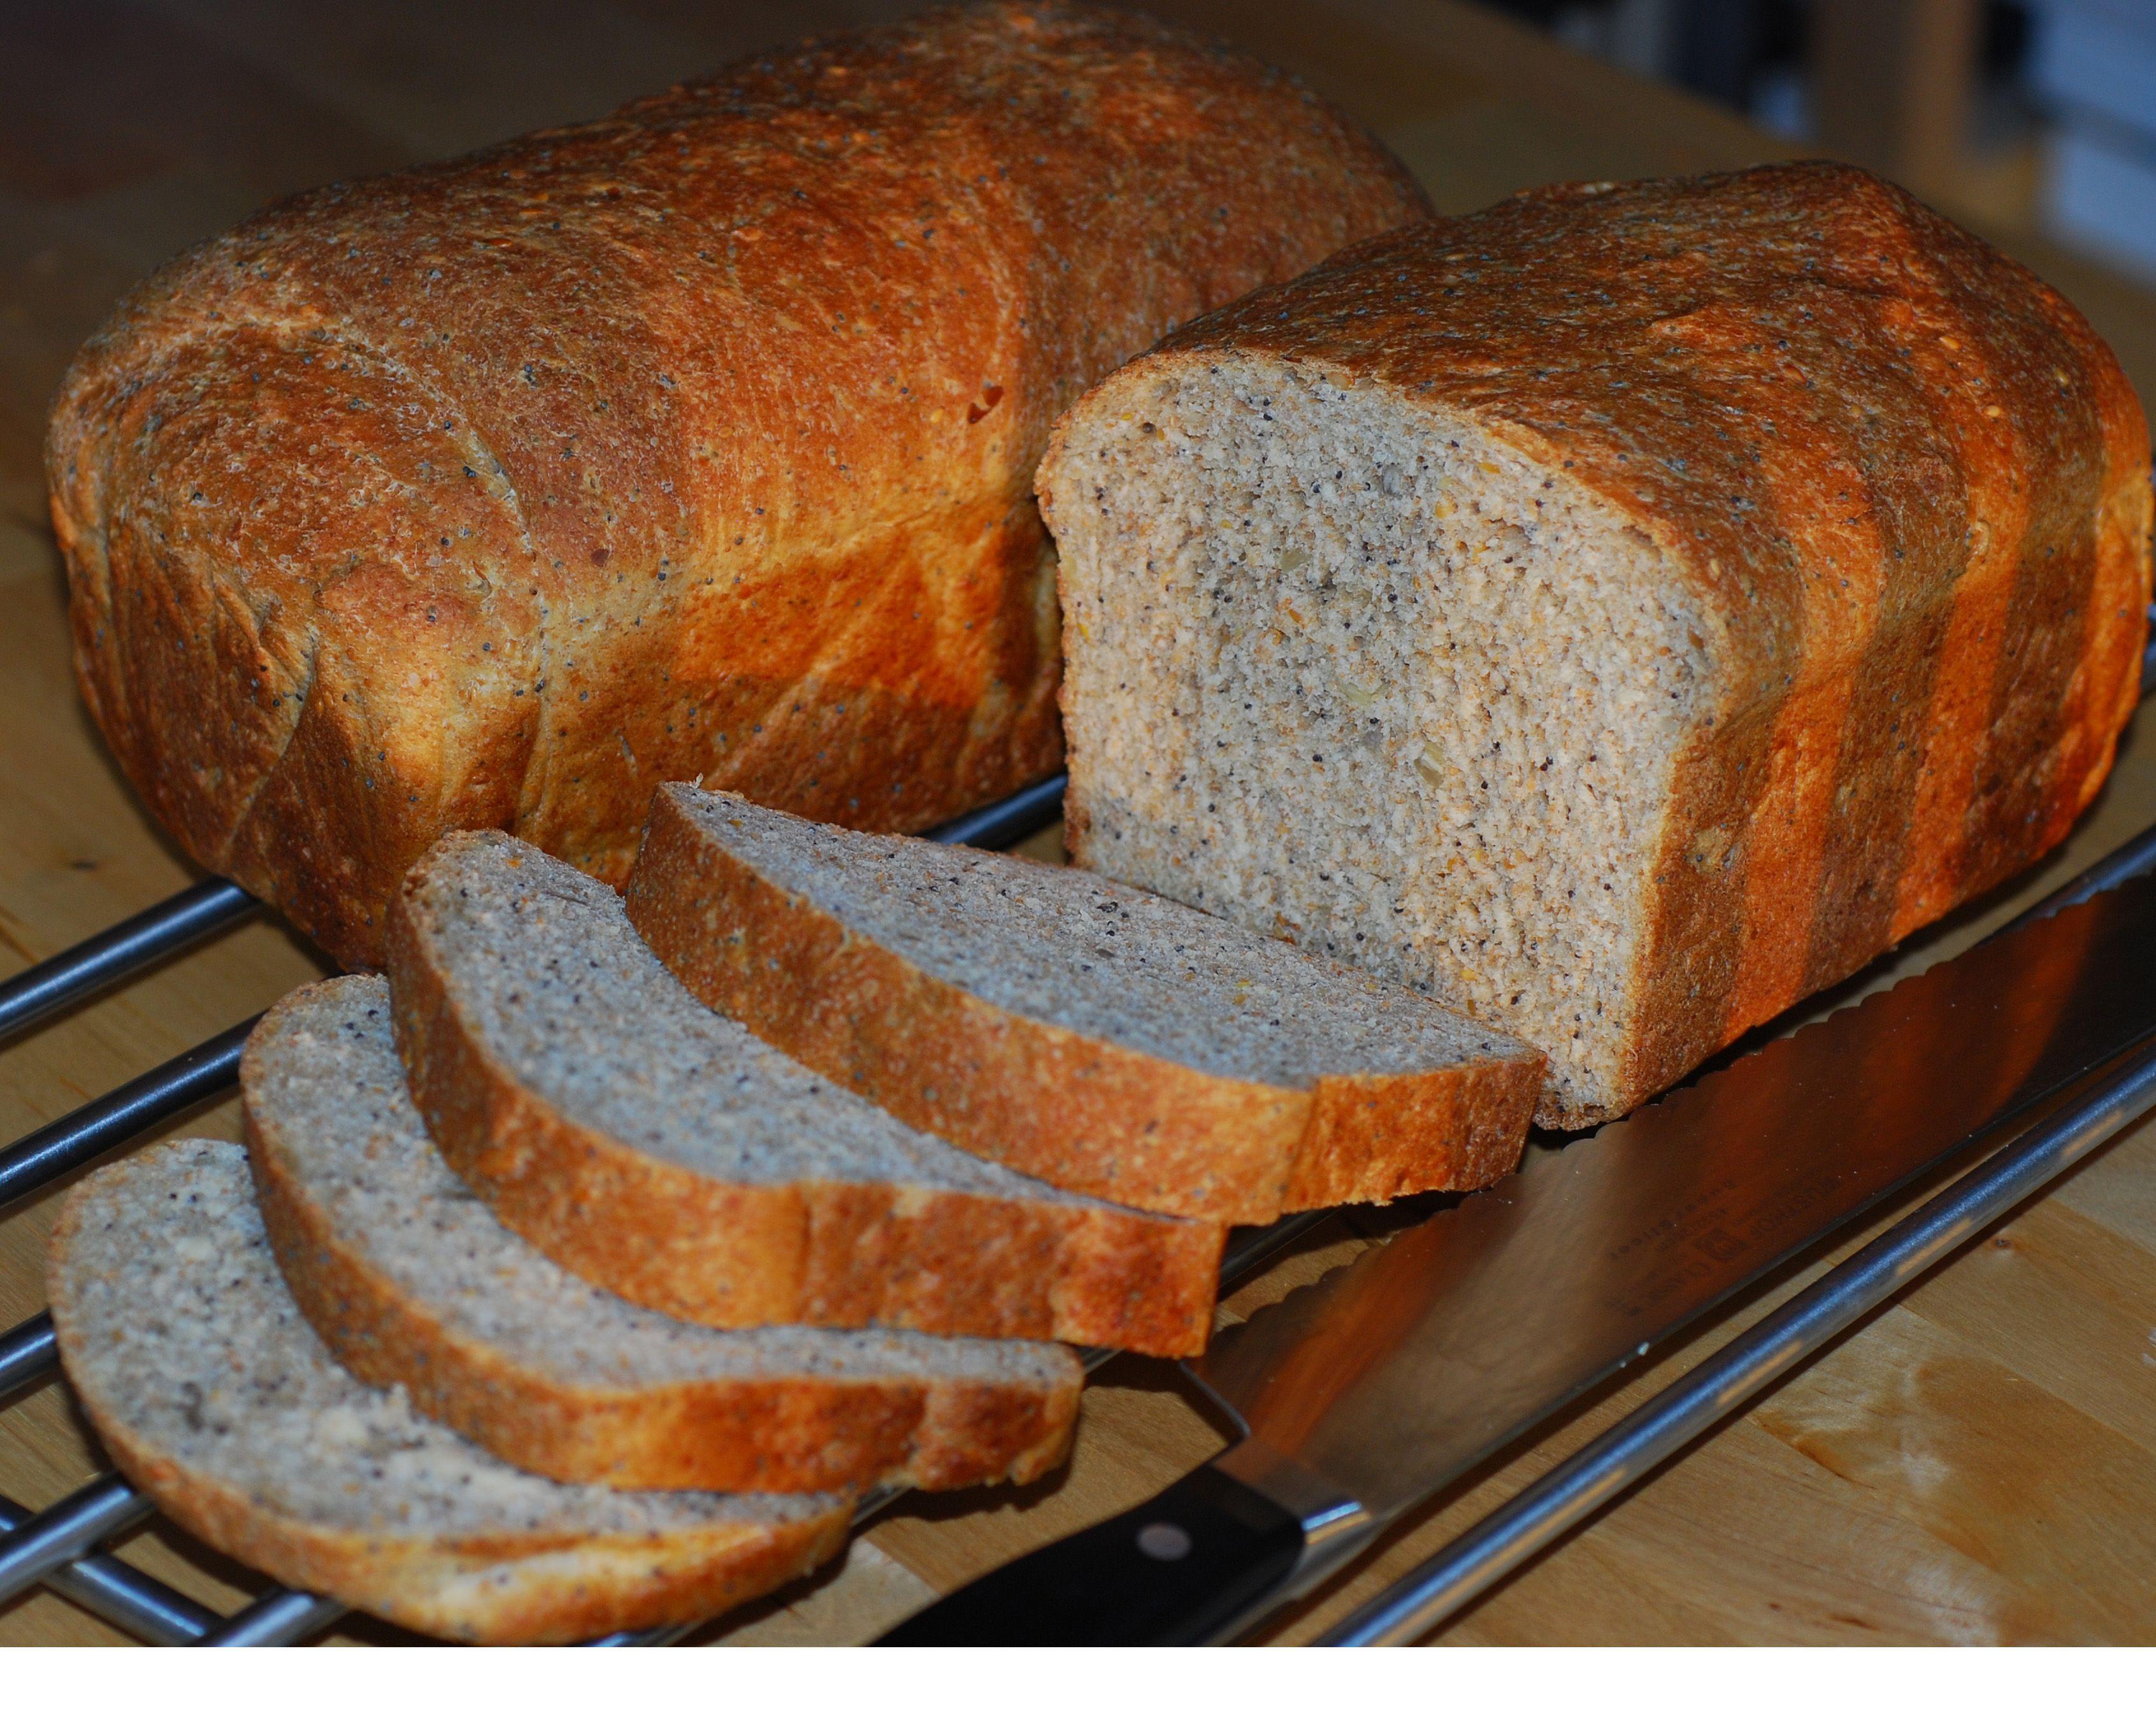 Buttermilk Bread For The Bread Machine Recipe In 2020 Buttermilk Bread Bread Machine Recipes Flax Seed Recipes